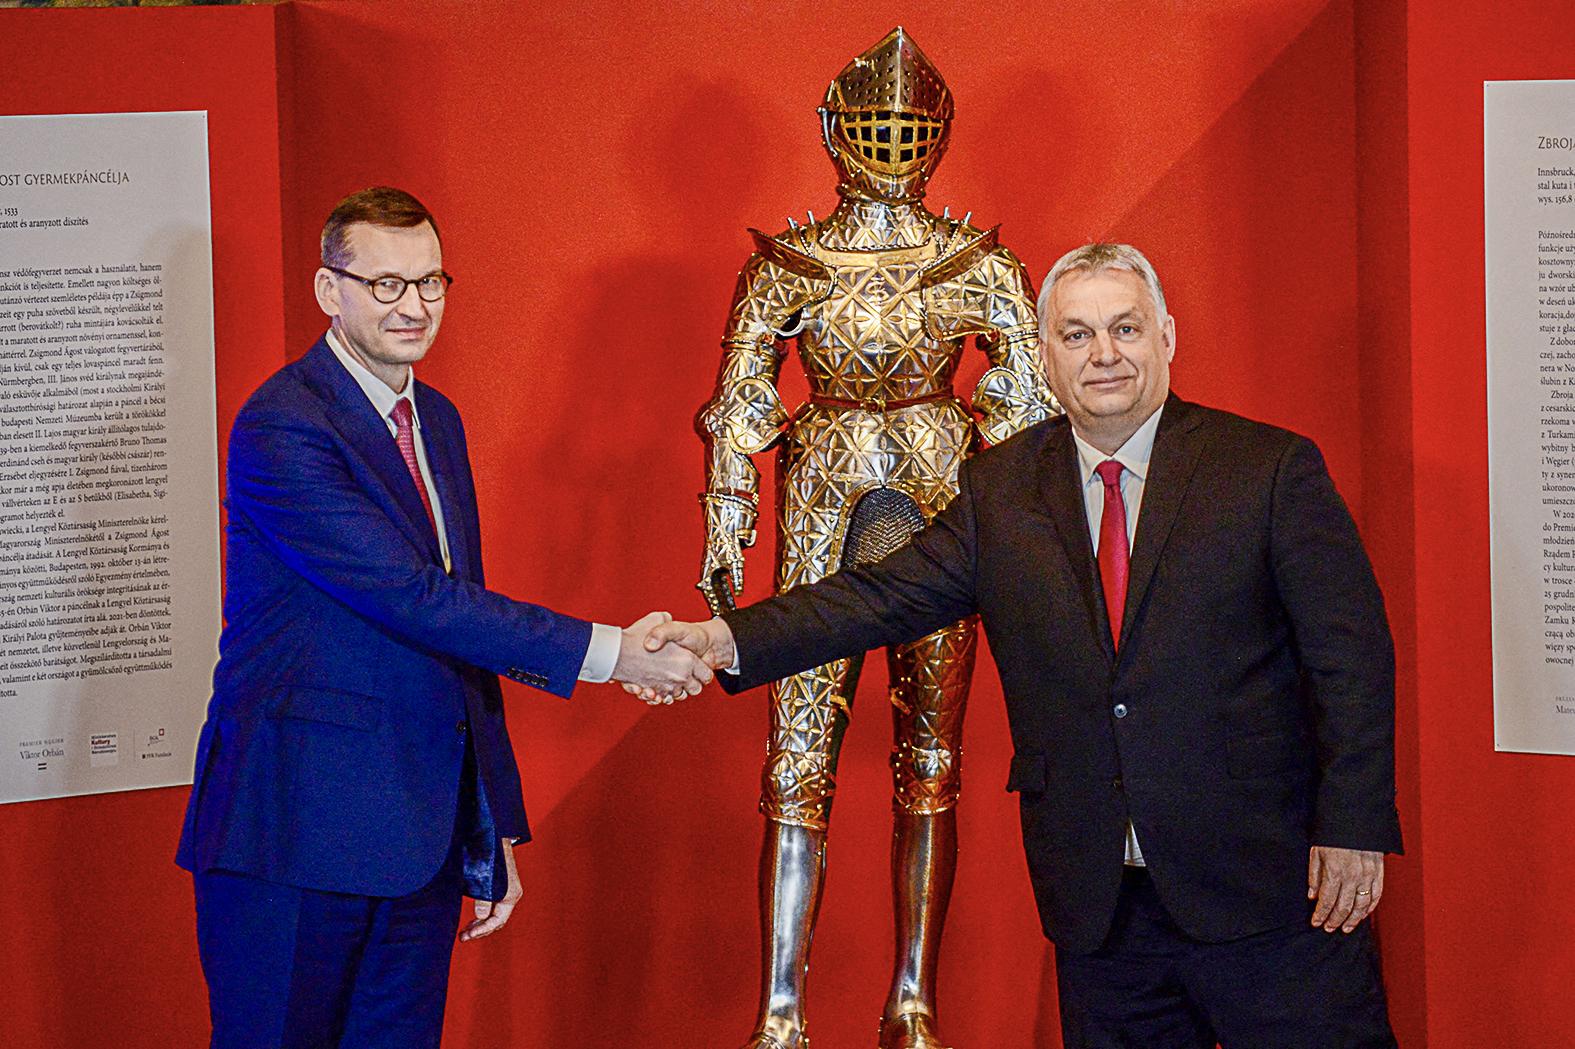 Mateusz Morawiecki lengyel és Orbán Viktor magyar miniszterelnök II. Zsigmond Ágost gyermekkori páncéljának átadásán Krakkóban 2021. február 18-án #moszkvater